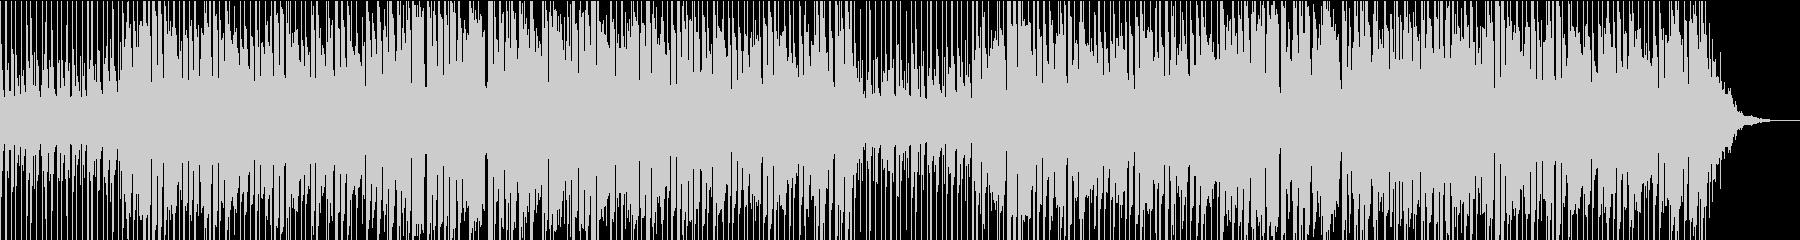 企業PVさわやかエレキギターとピアノの曲の未再生の波形